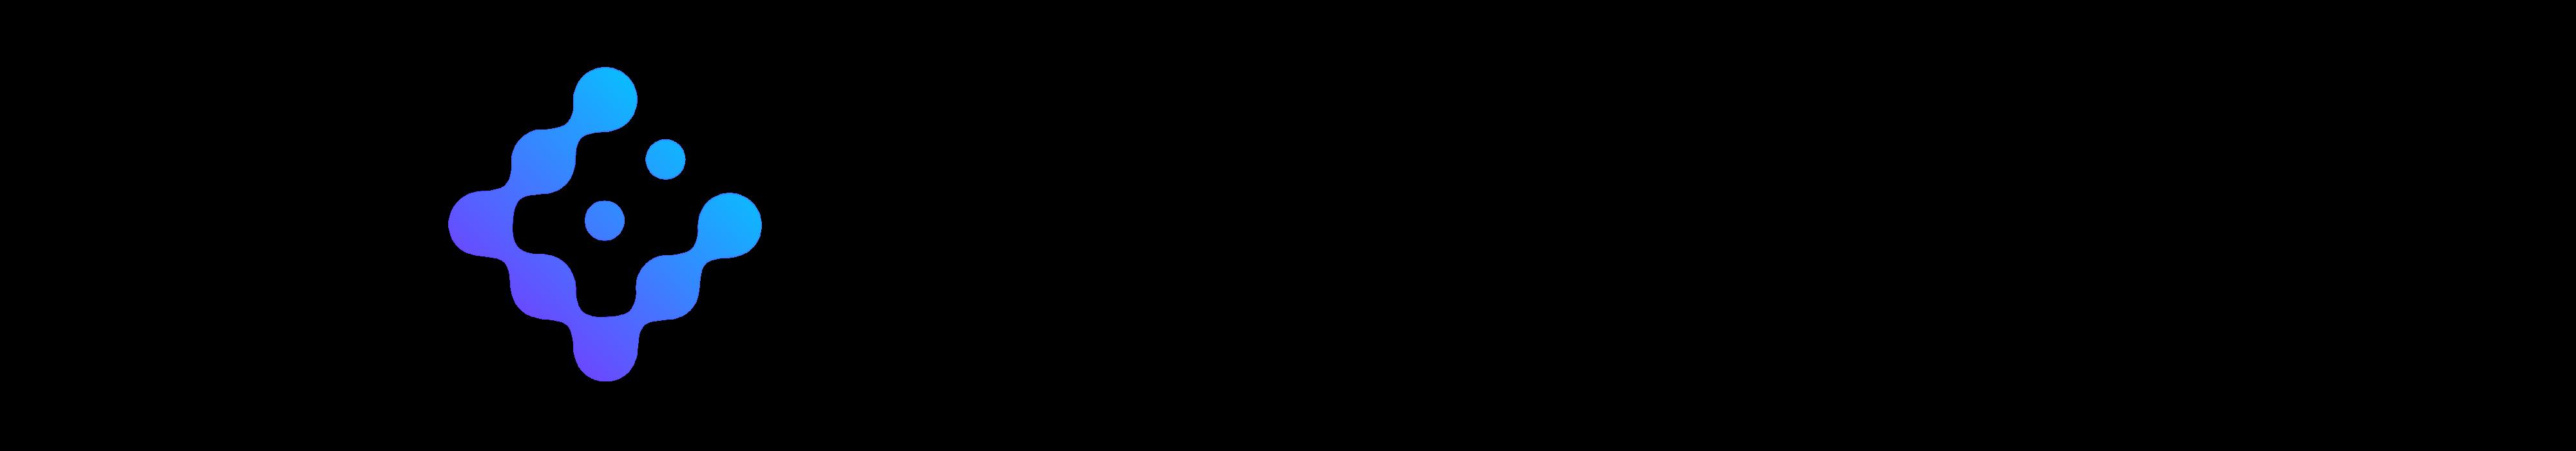 Onlizo